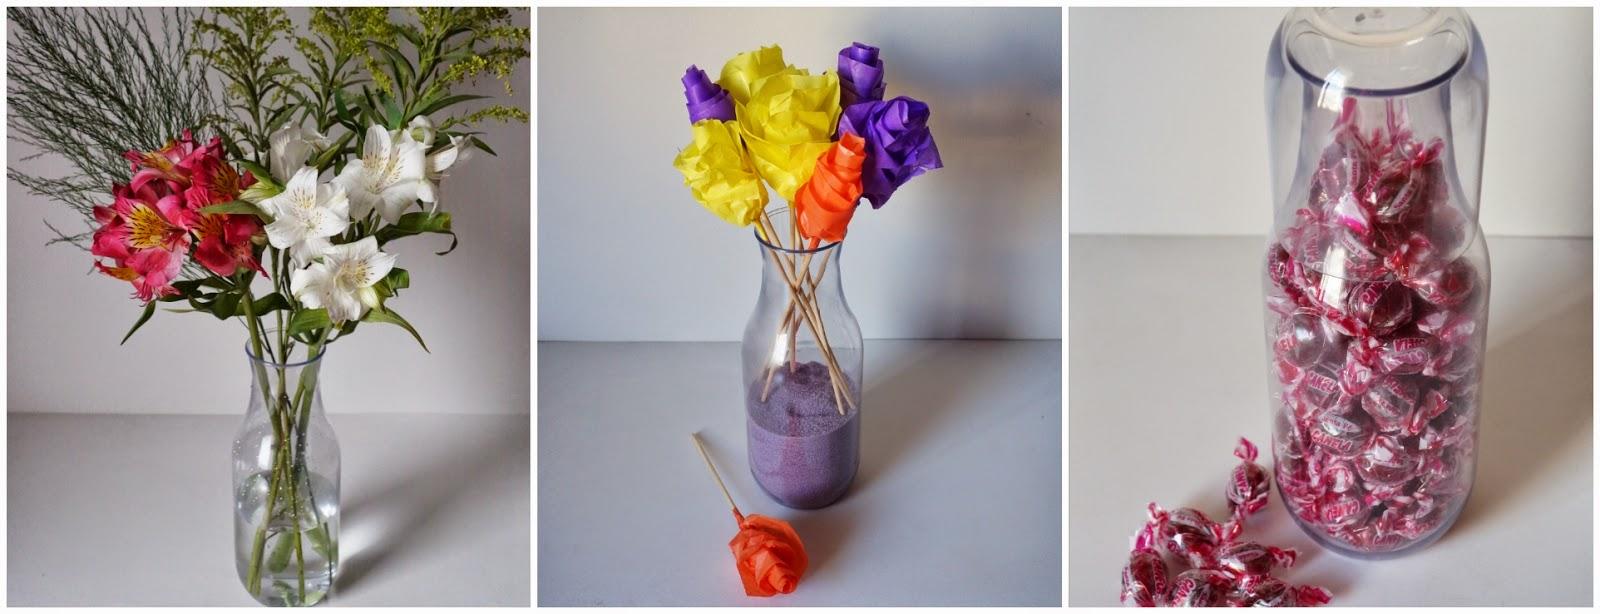 moringa plástica transparente servindo de vaso para flores e servindo também para baleiro